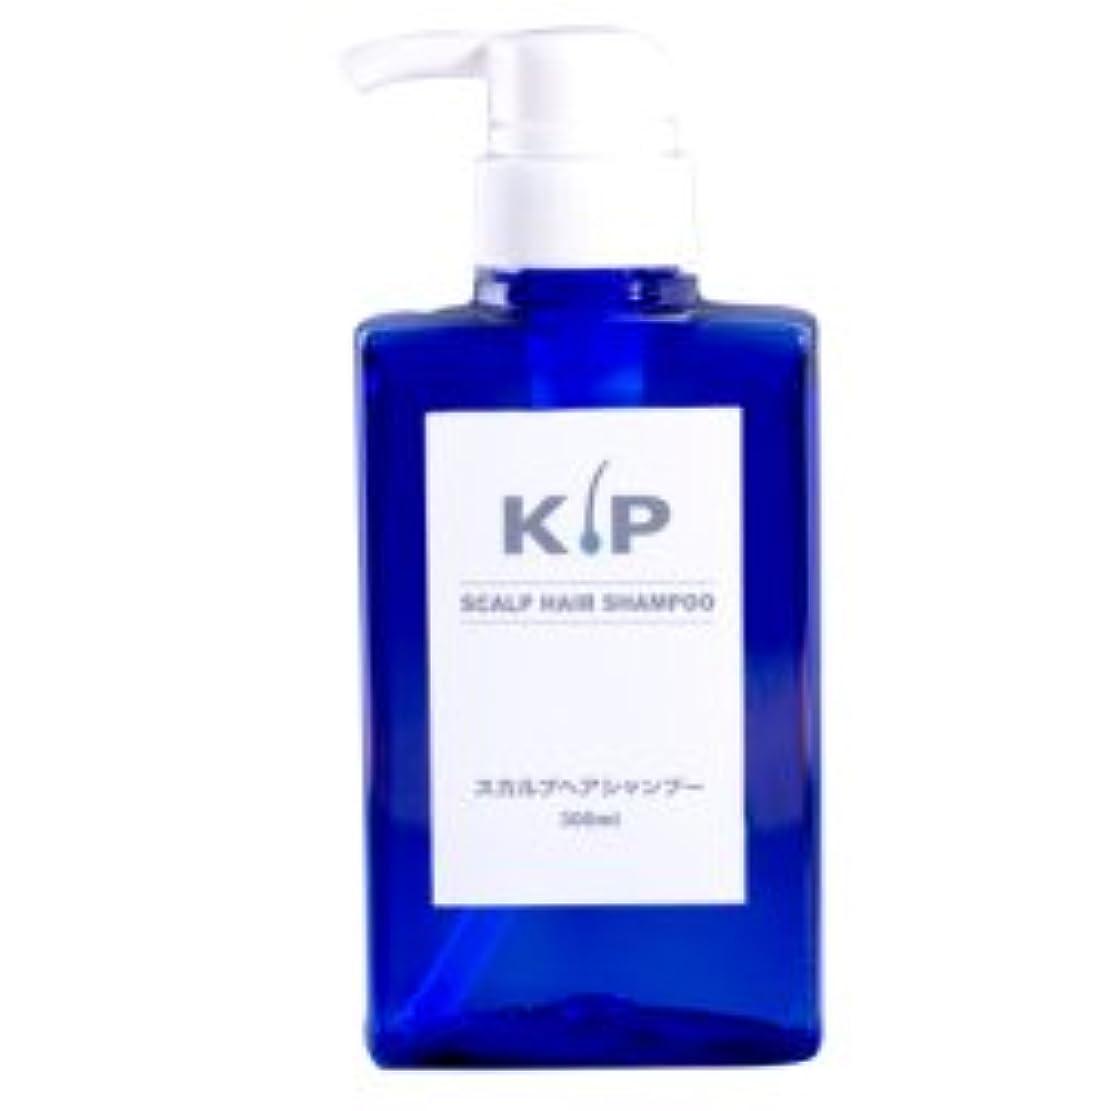 KIP スカルプヘア シャンプー 300mL